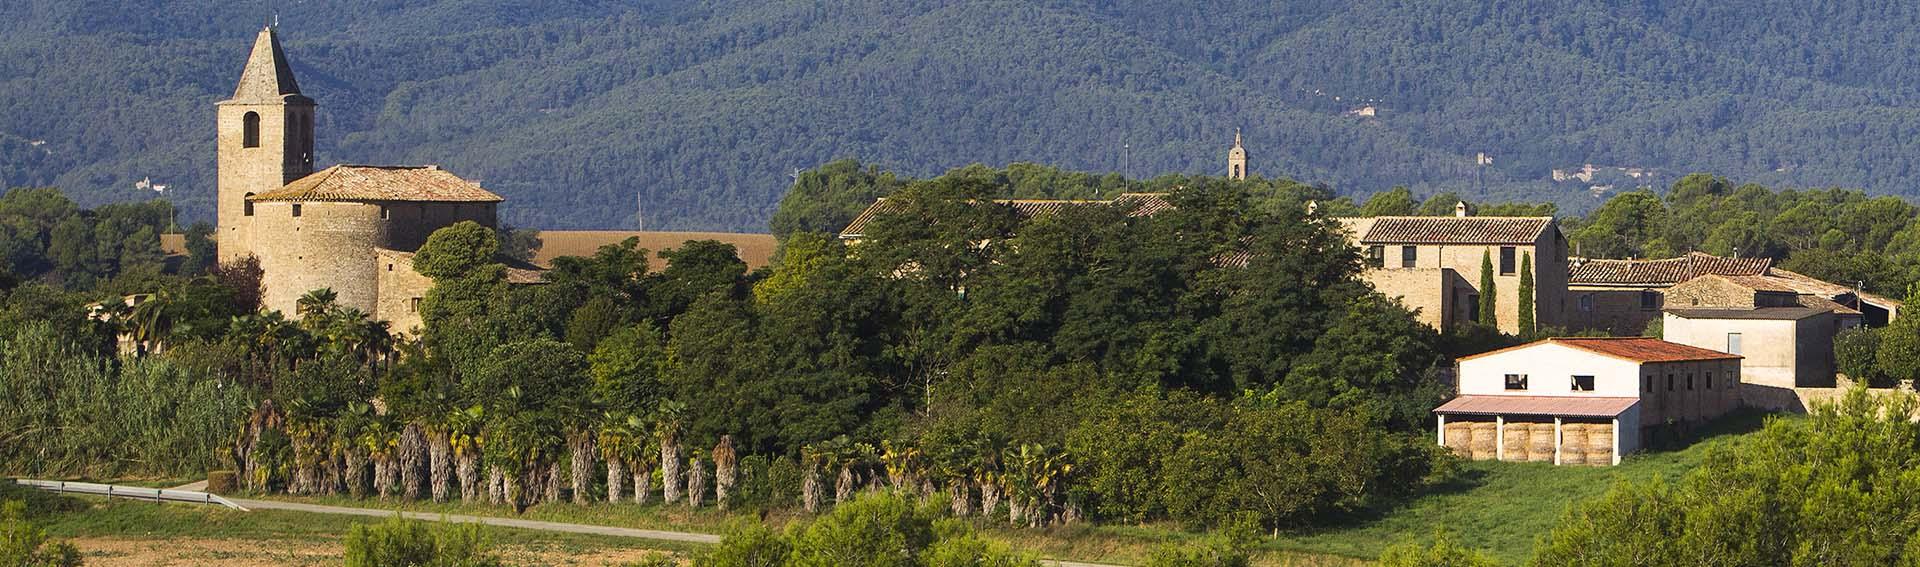 Vilamarí